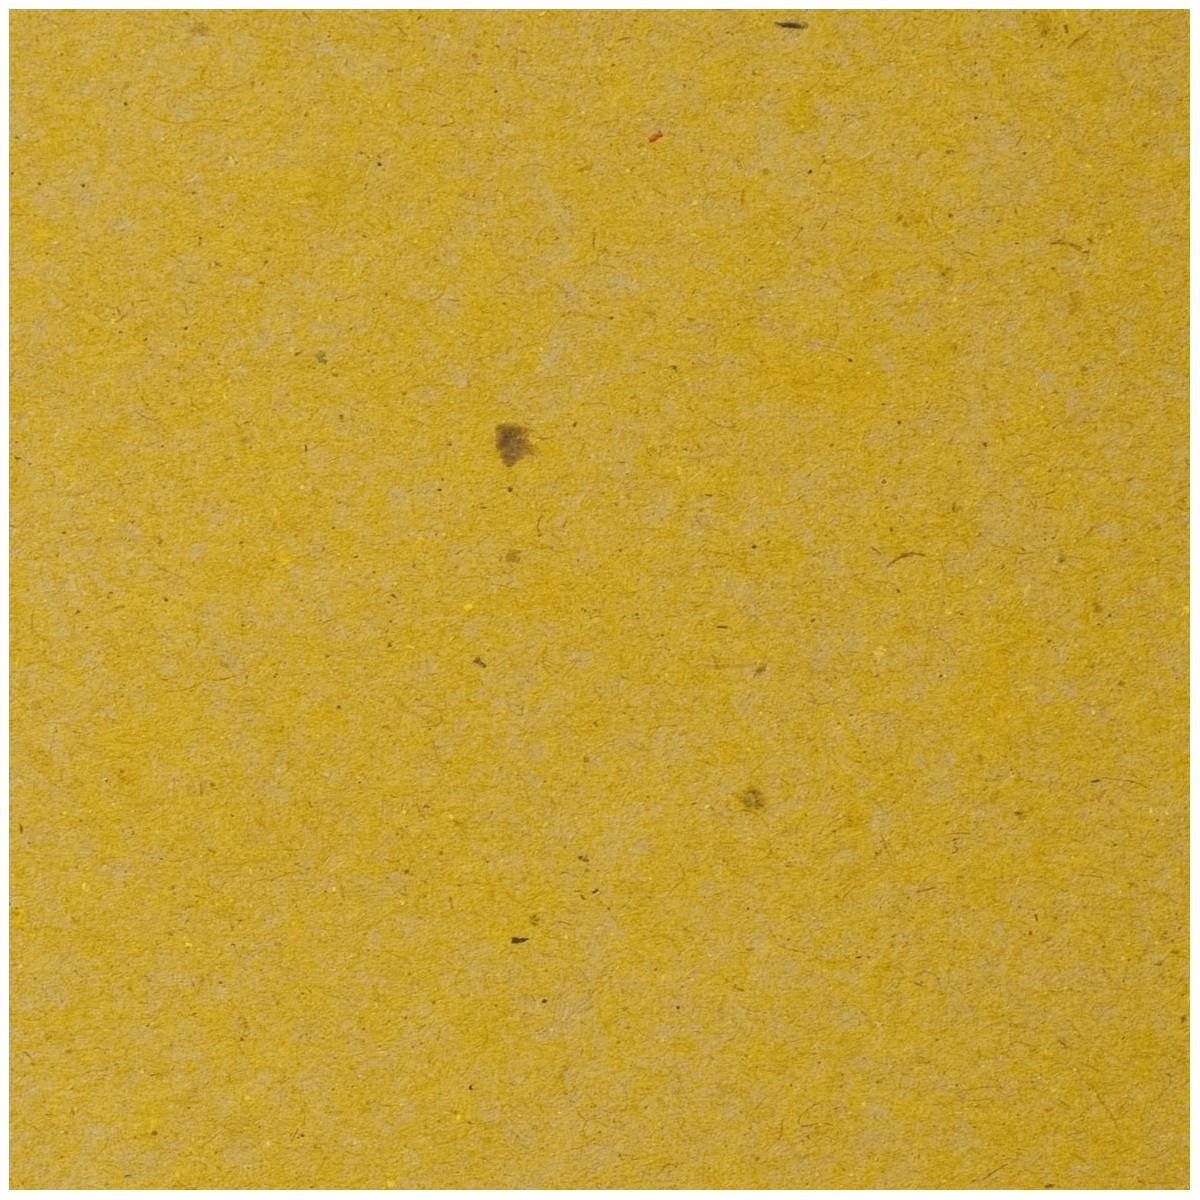 Carta Paglia ECOCHIC Gr.85 Fogli Cm.70x100 naturale